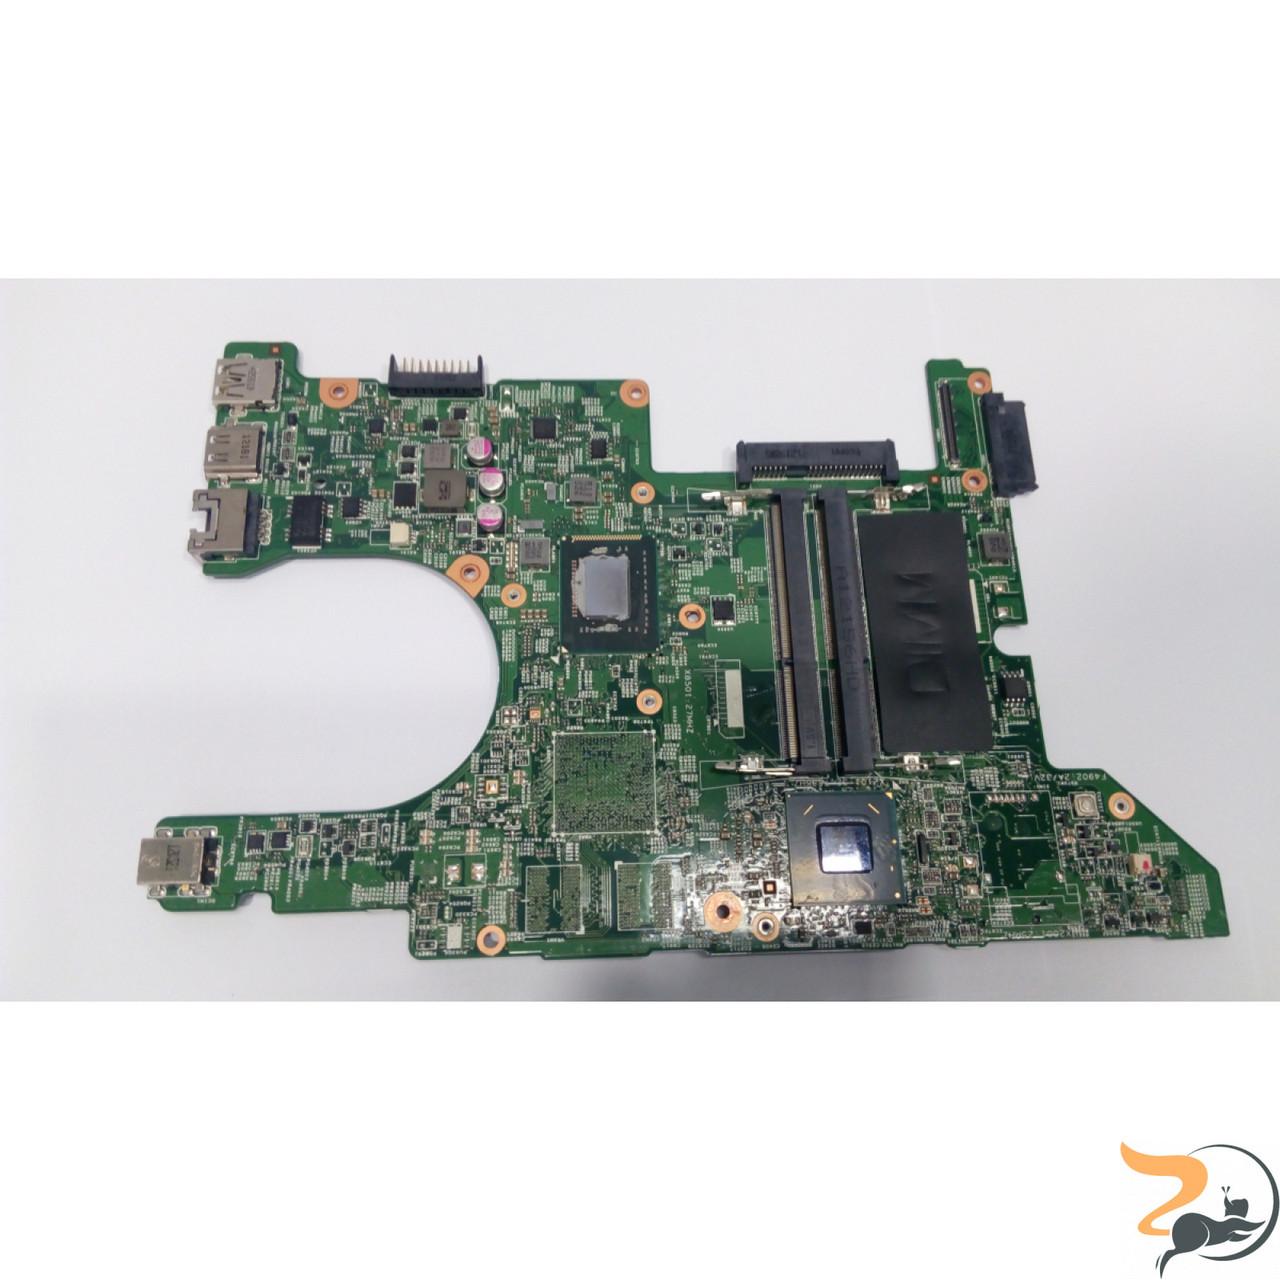 Материнська плата для ноутбука Dell Inspiron 5423, CN-00N85M, Б/В. Має впаяний процесор Intel Core i3-2367M, SR0CV